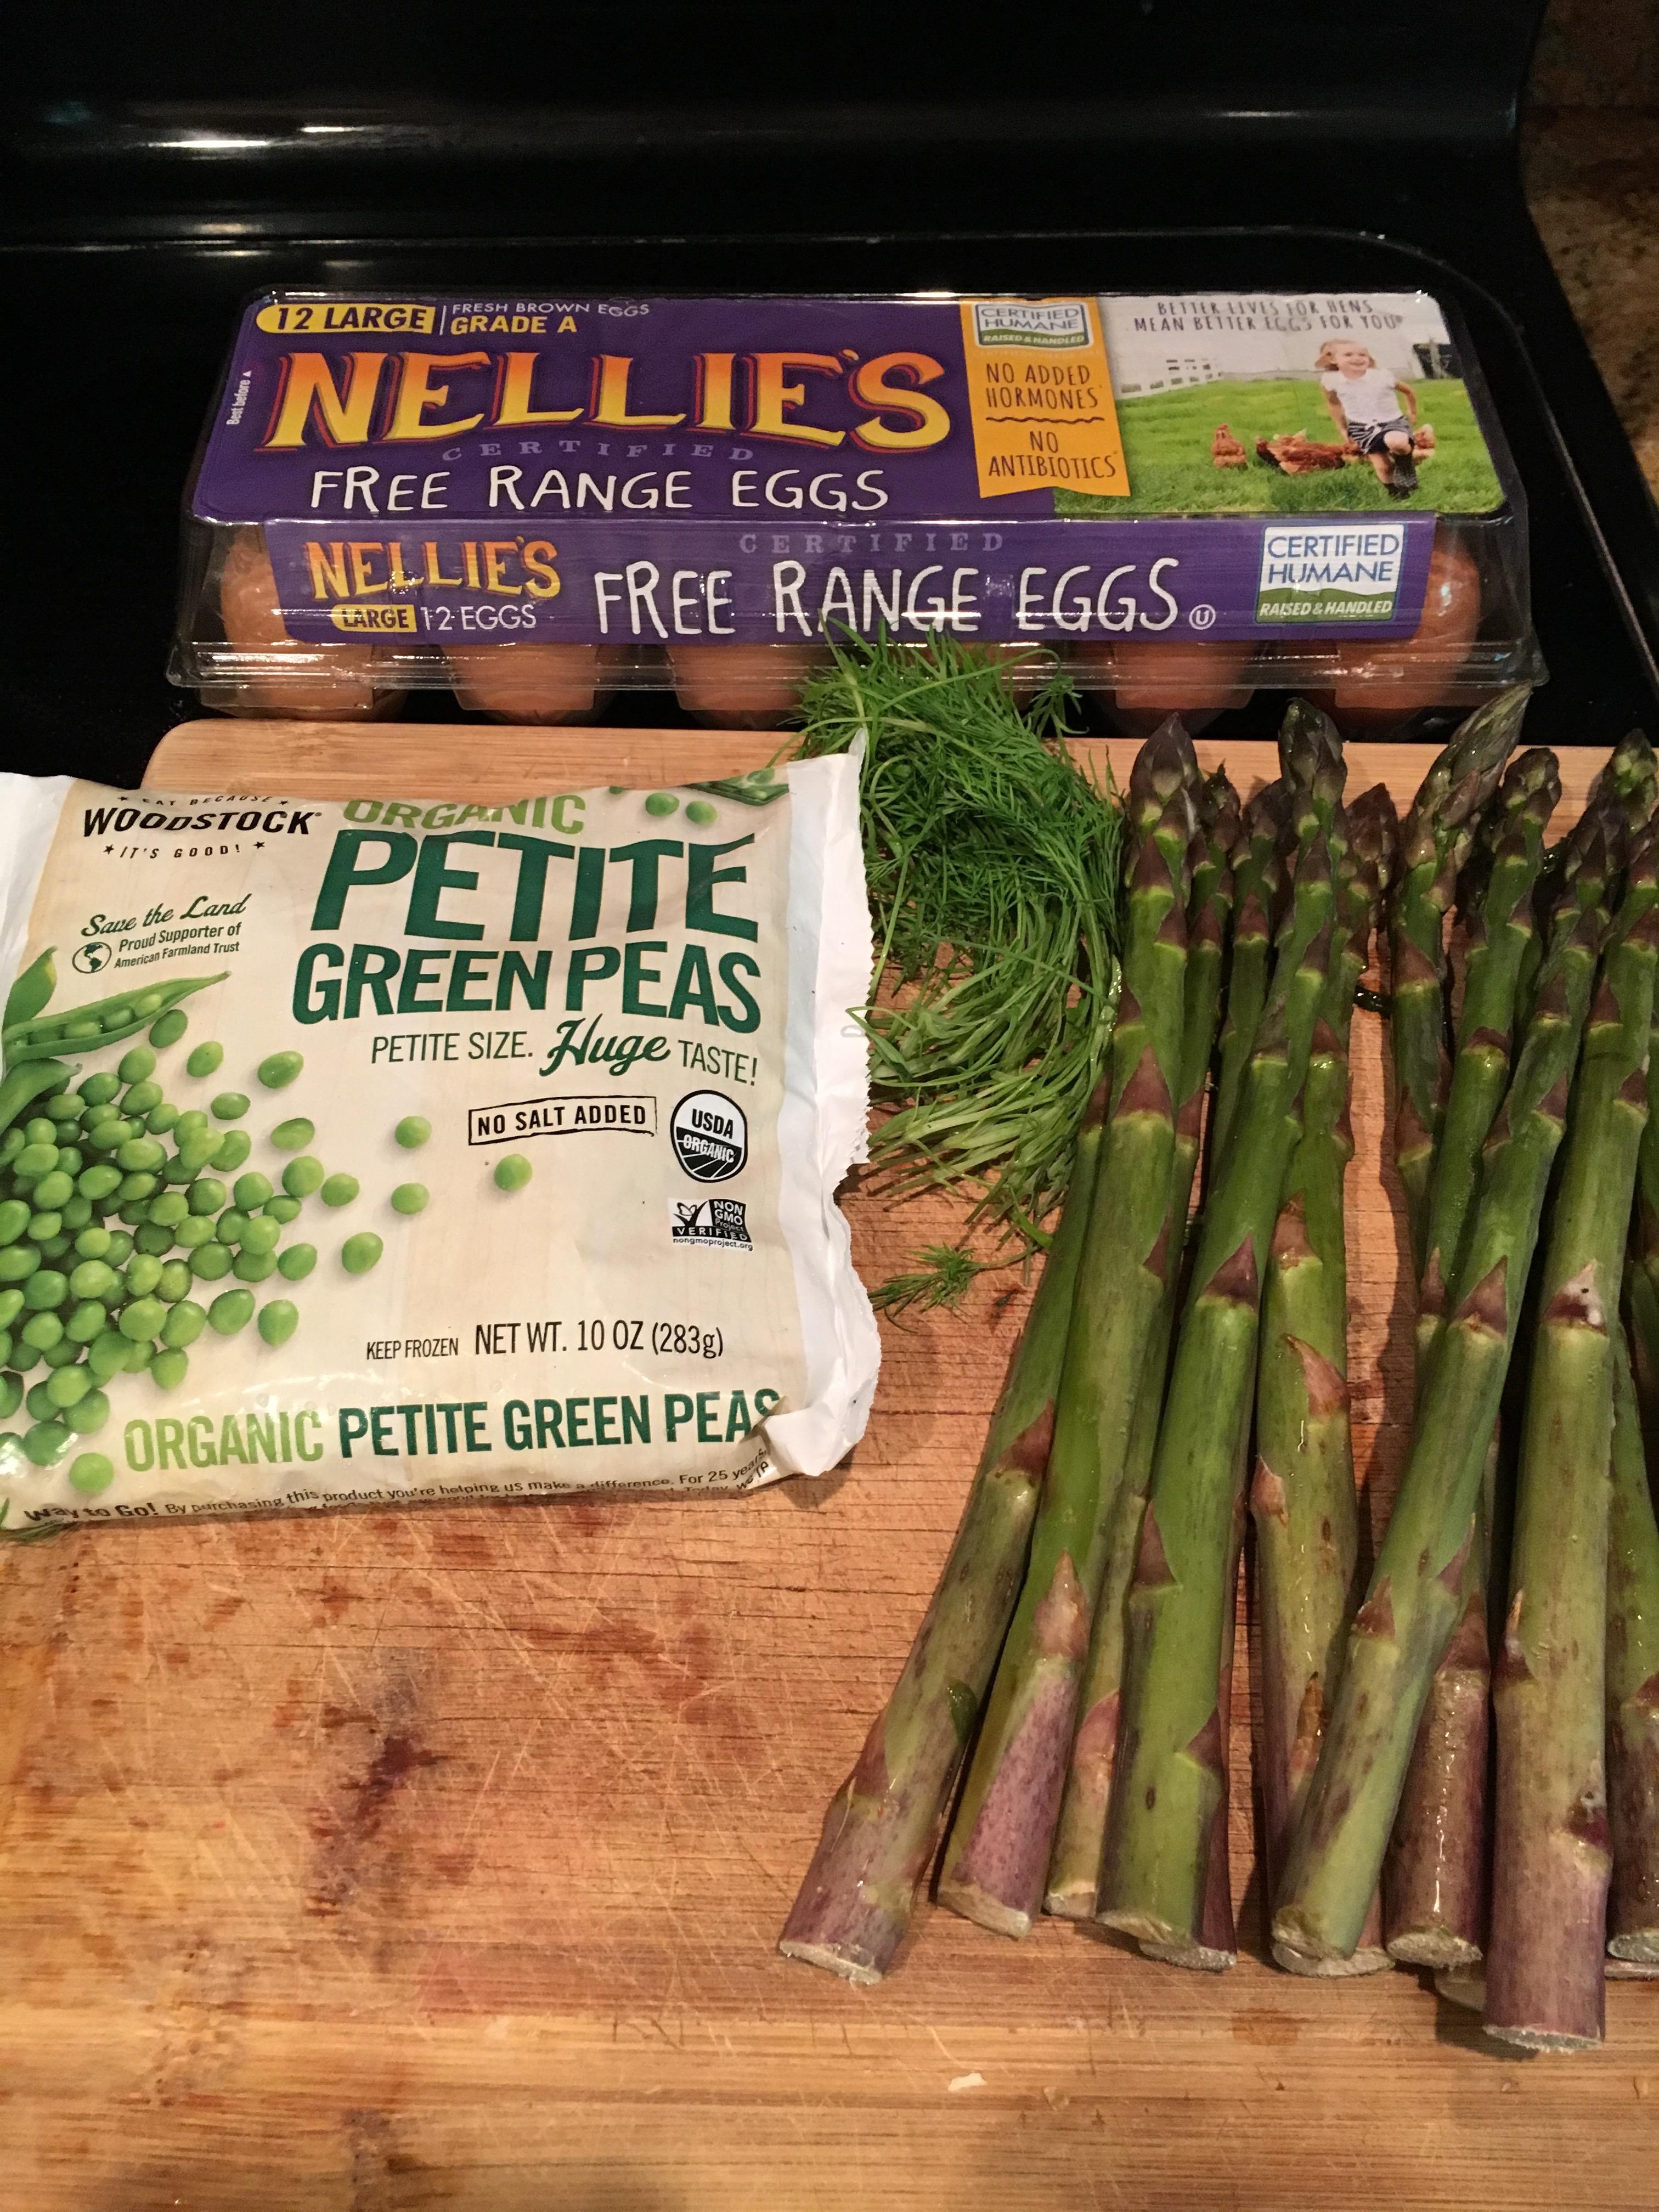 quiche recipe  Asparagus, Spinach and Pea Quiche with Nellie's Eggs